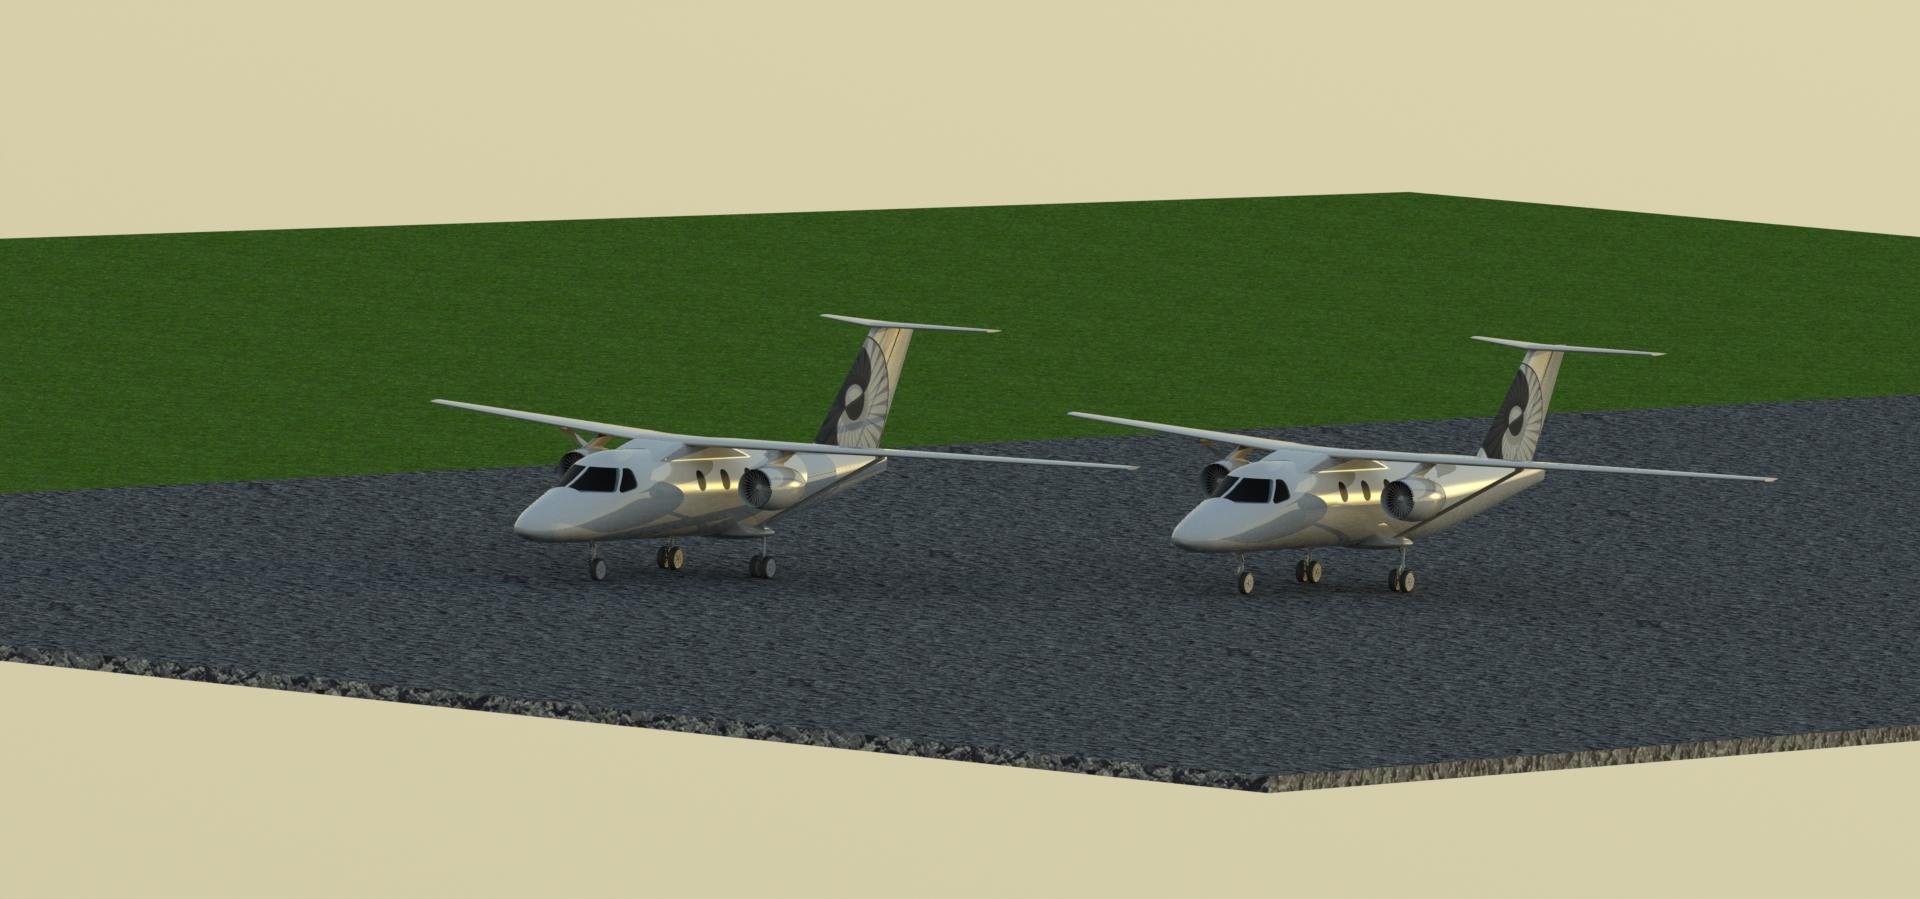 6&8 Passenger Light Business Jet Family